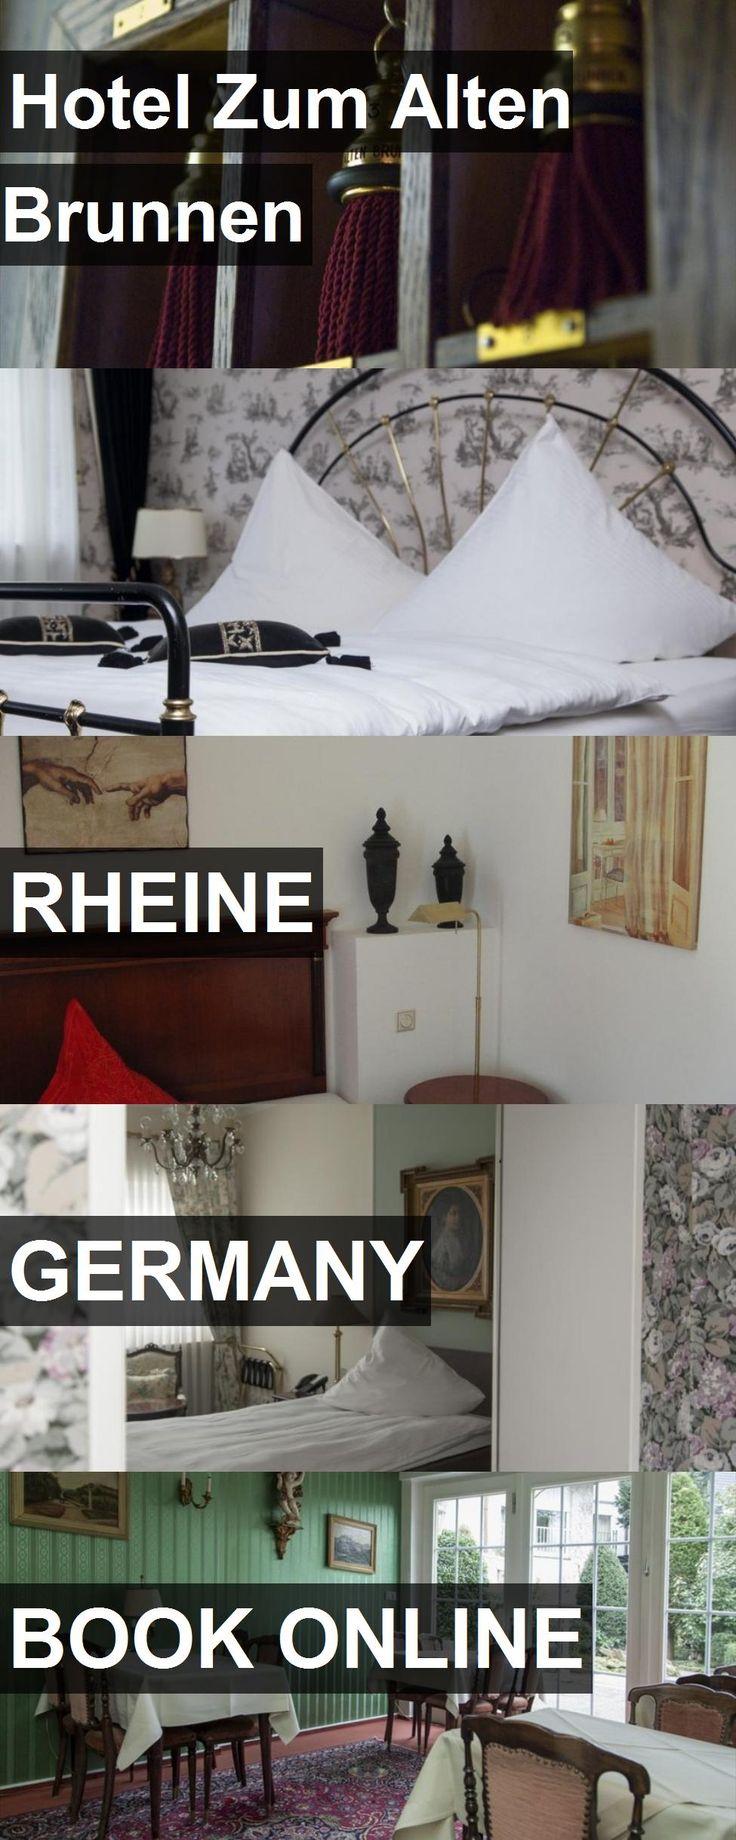 Hotel Hotel Zum Alten Brunnen in Rheine, Germany. For more information, photos, reviews and best prices please follow the link. #Germany #Rheine #HotelZumAltenBrunnen #hotel #travel #vacation